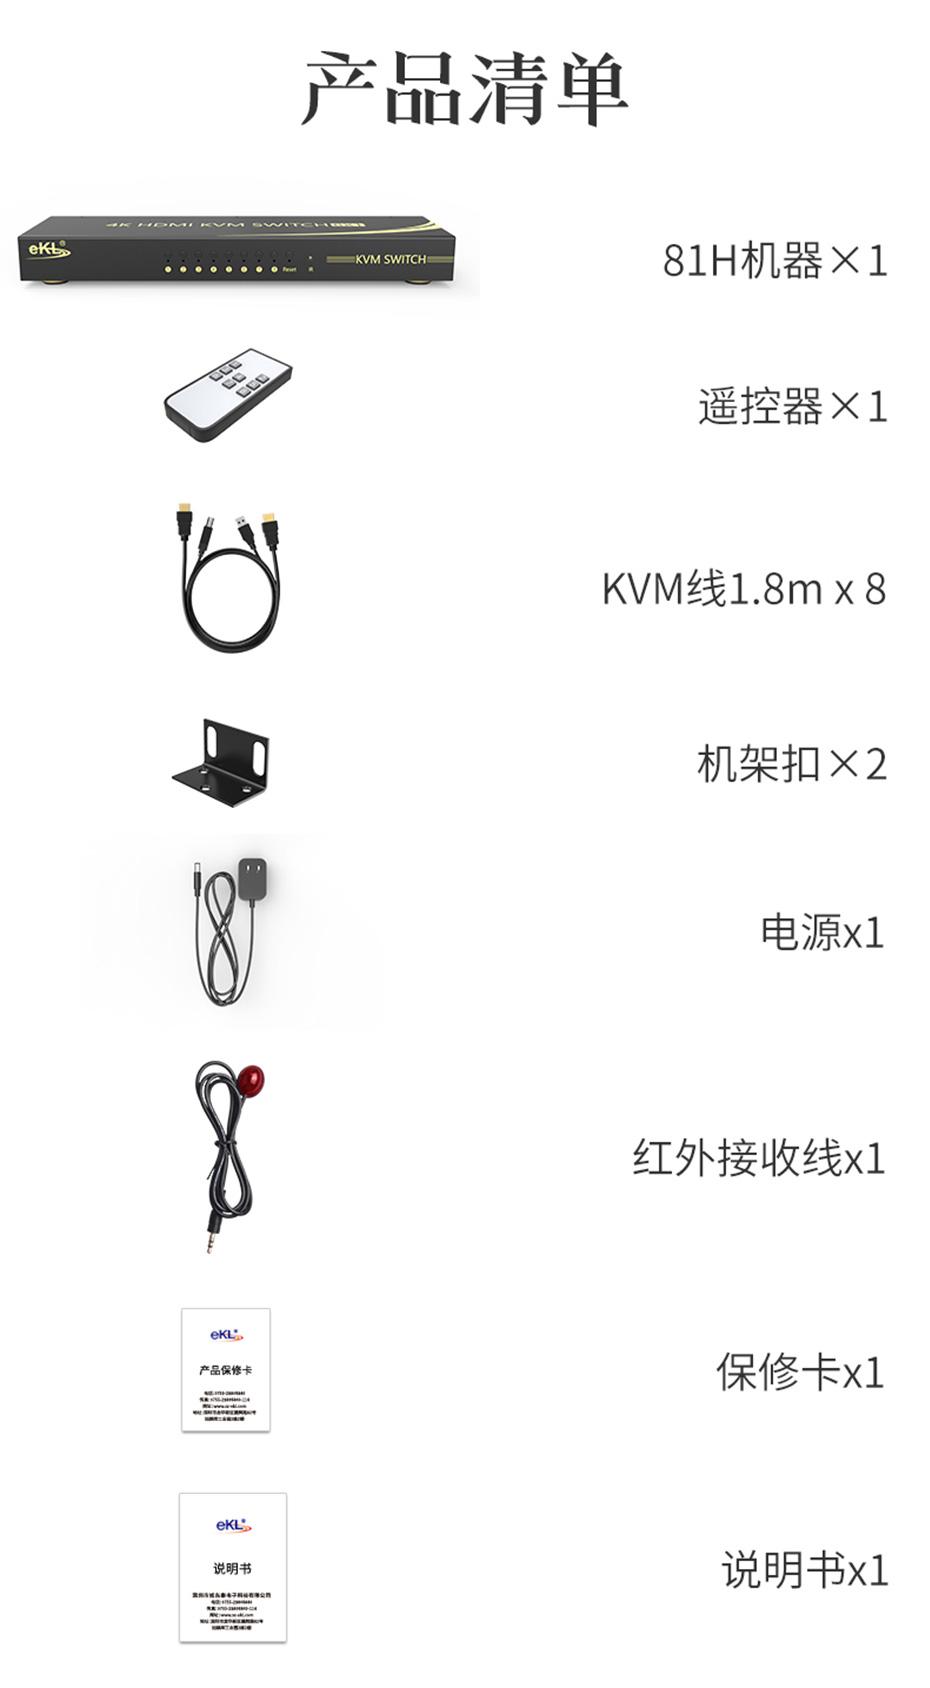 八进一出HDMI KVM切换器81H标准配件